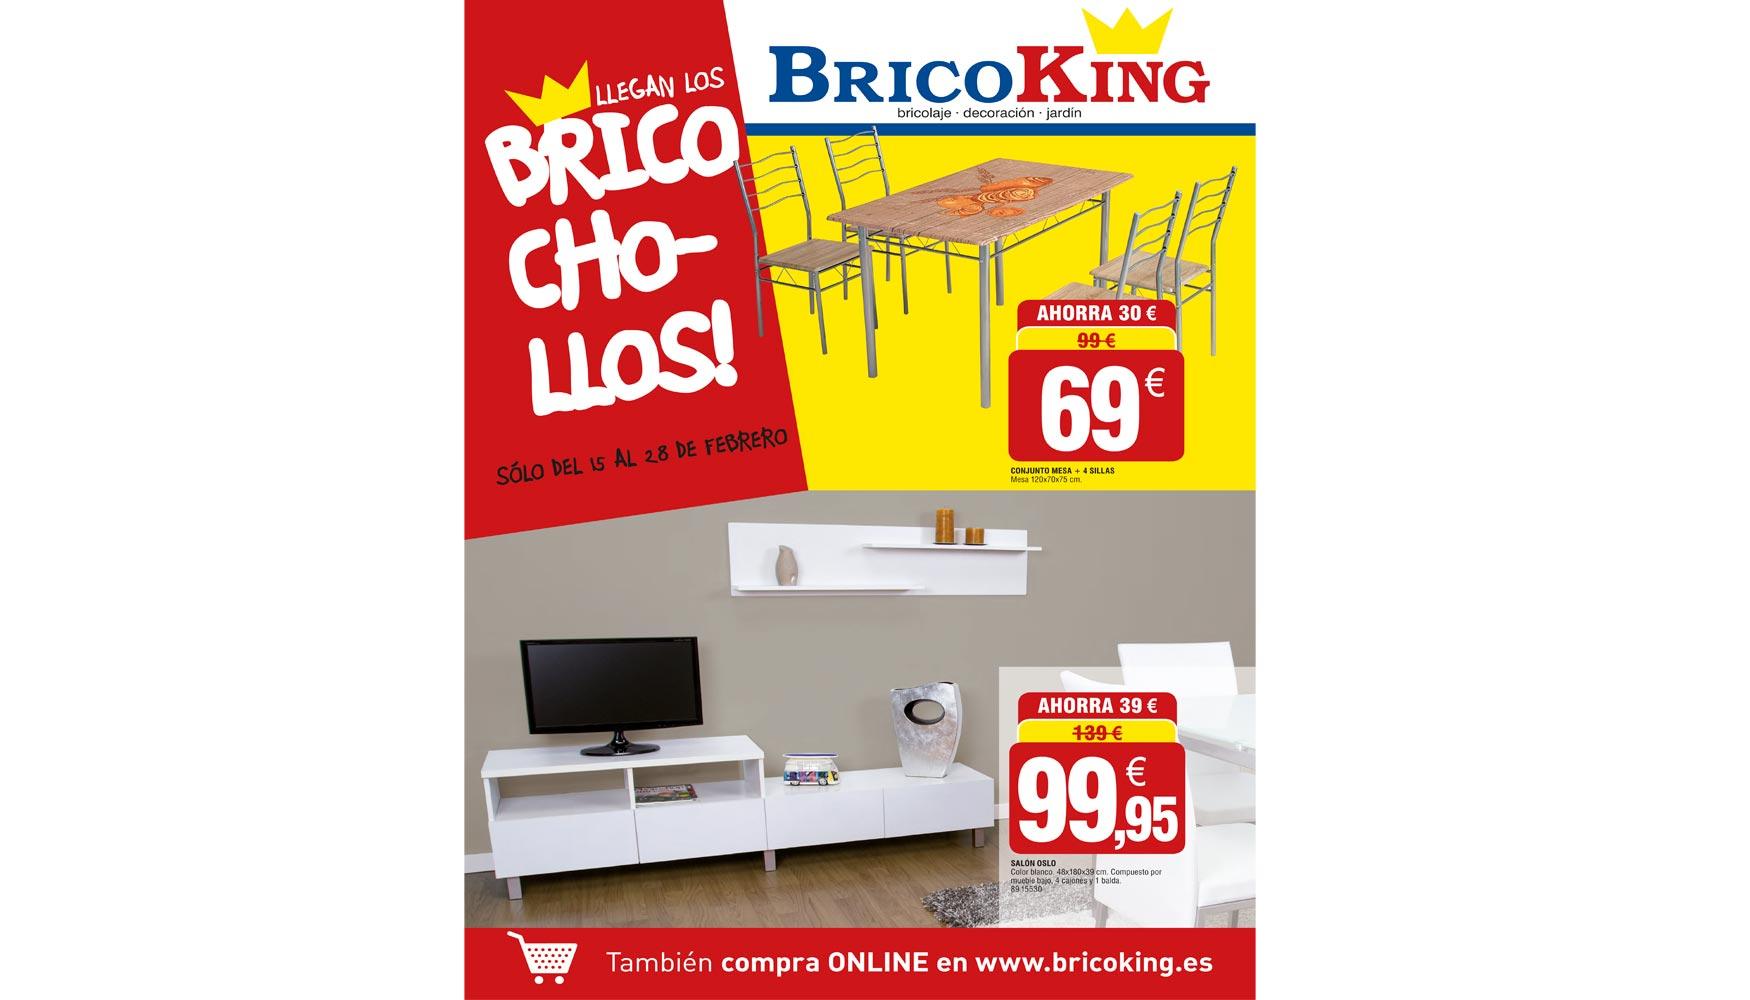 Bricoking lanza su nuevo folleto brico chollos ferreter a - Estanterias bricoking ...